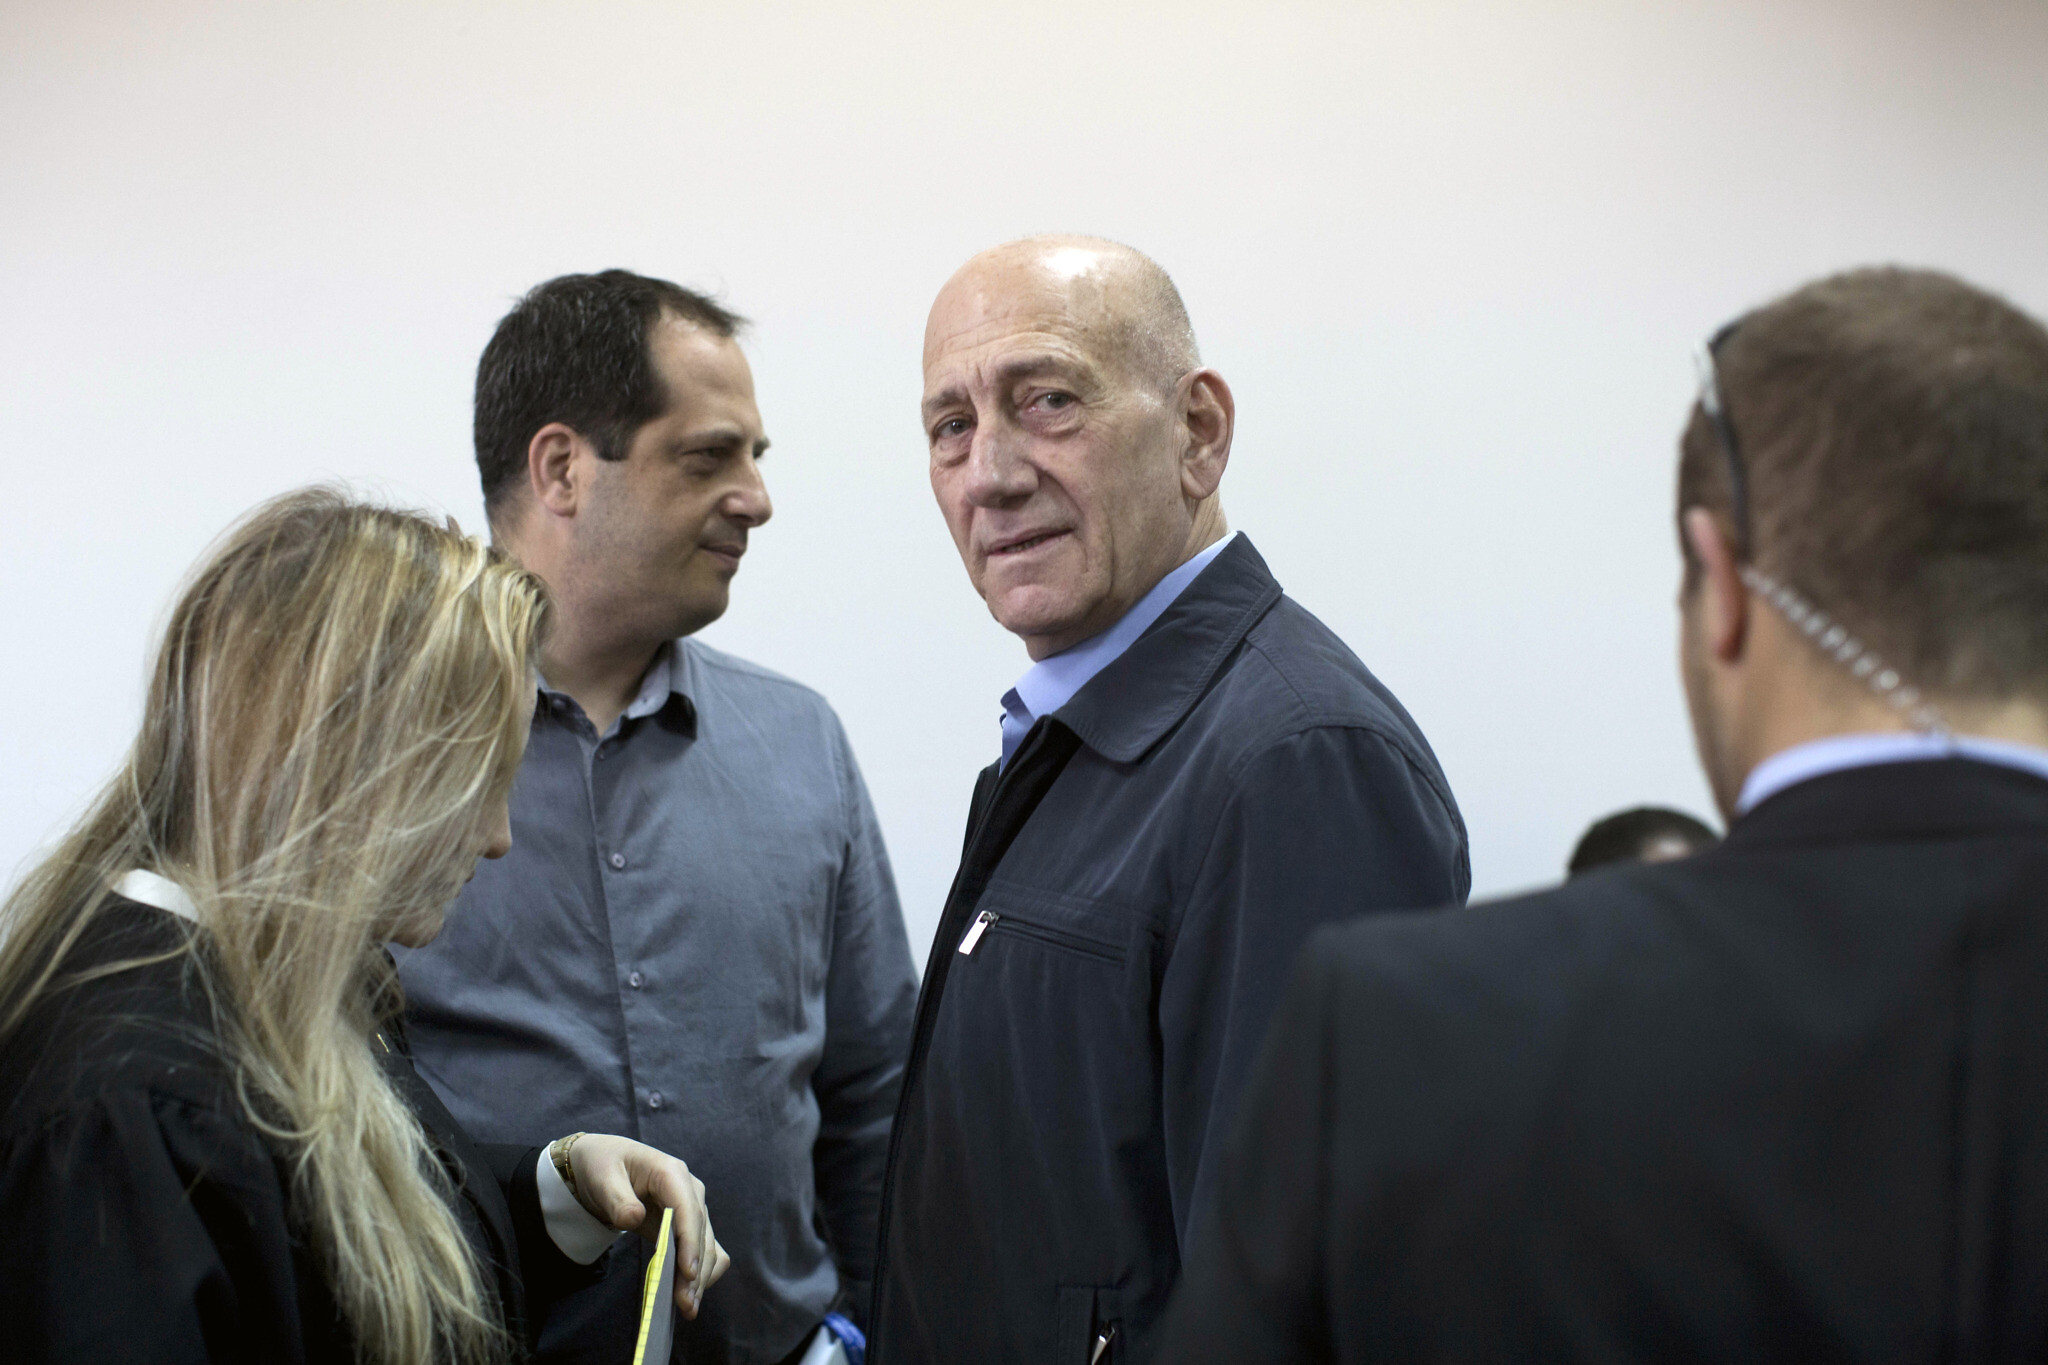 Ouverture du procès pour corruption de Benjamin Netanyahu Reuters — Israël